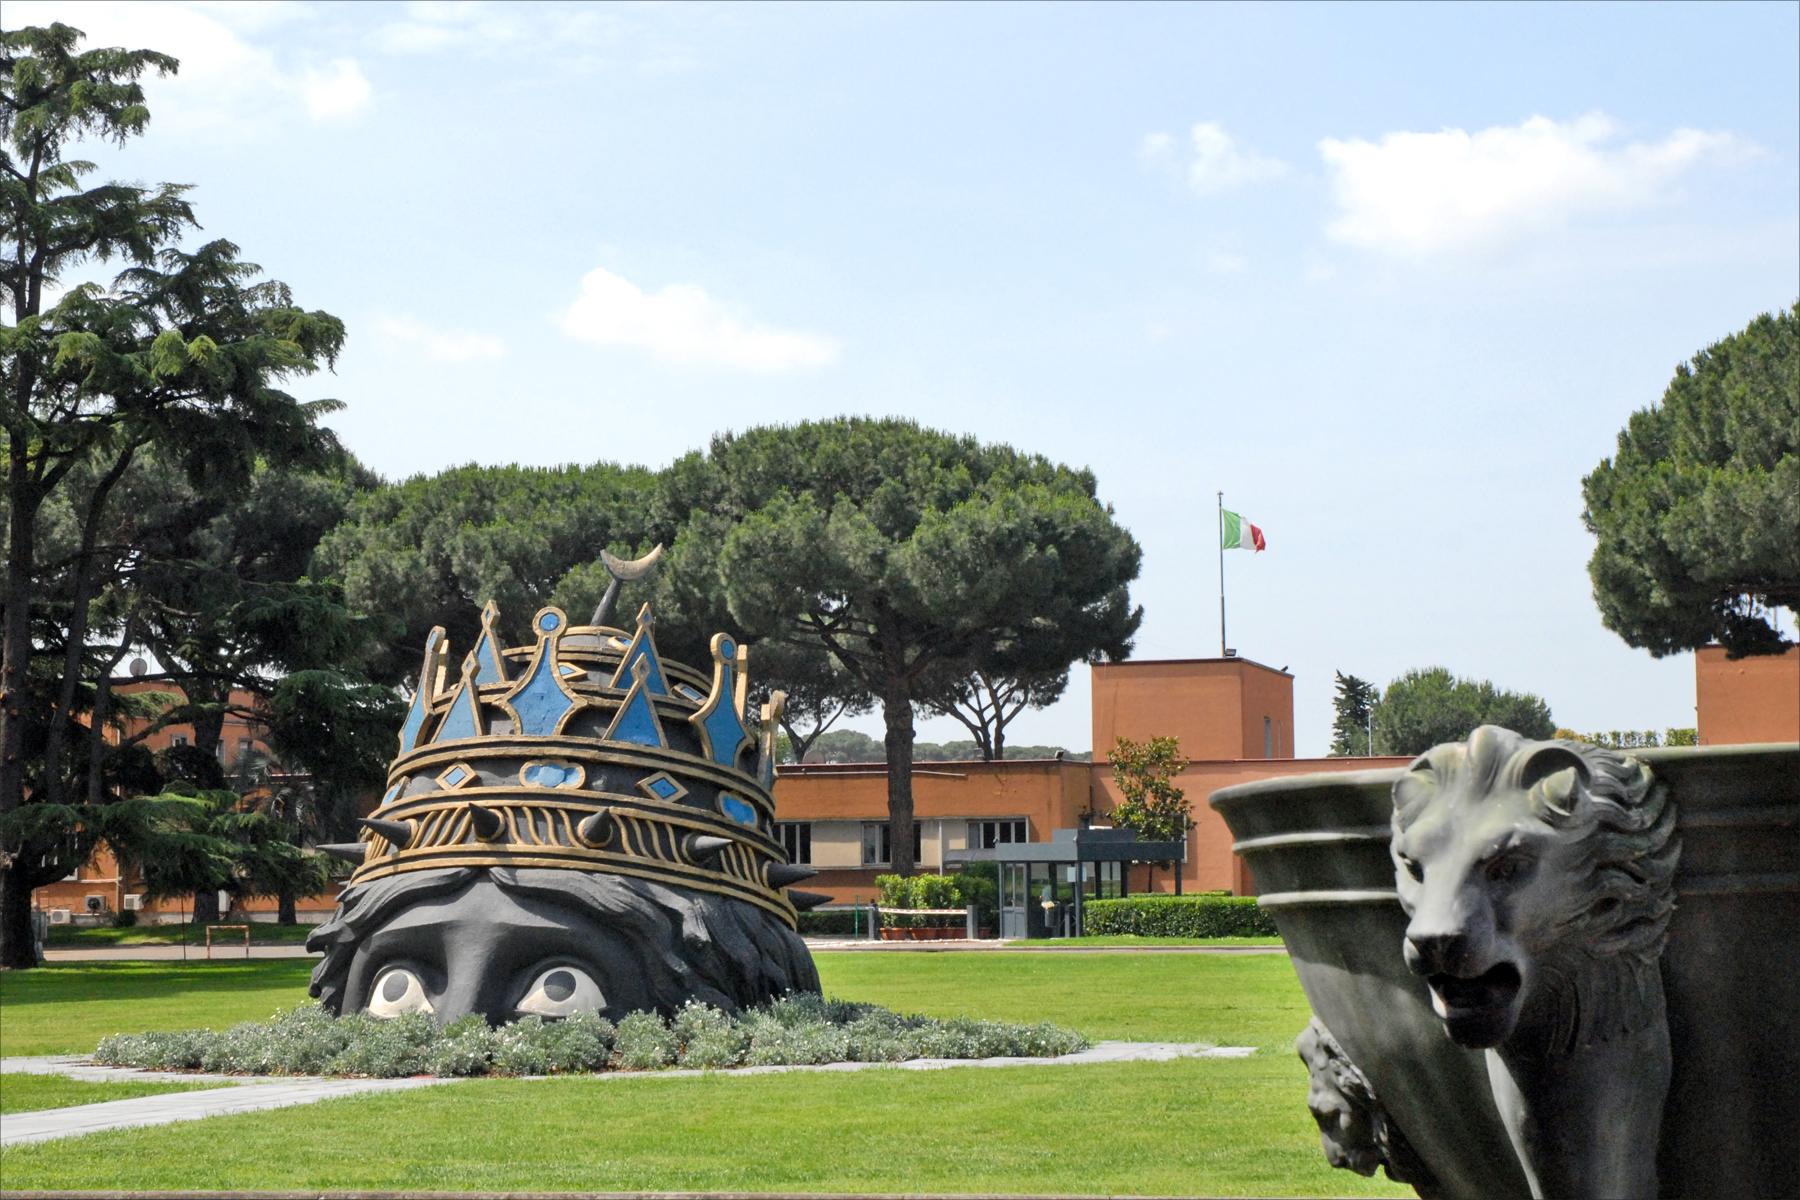 Cinecittà ouvre ses portes (Rome)